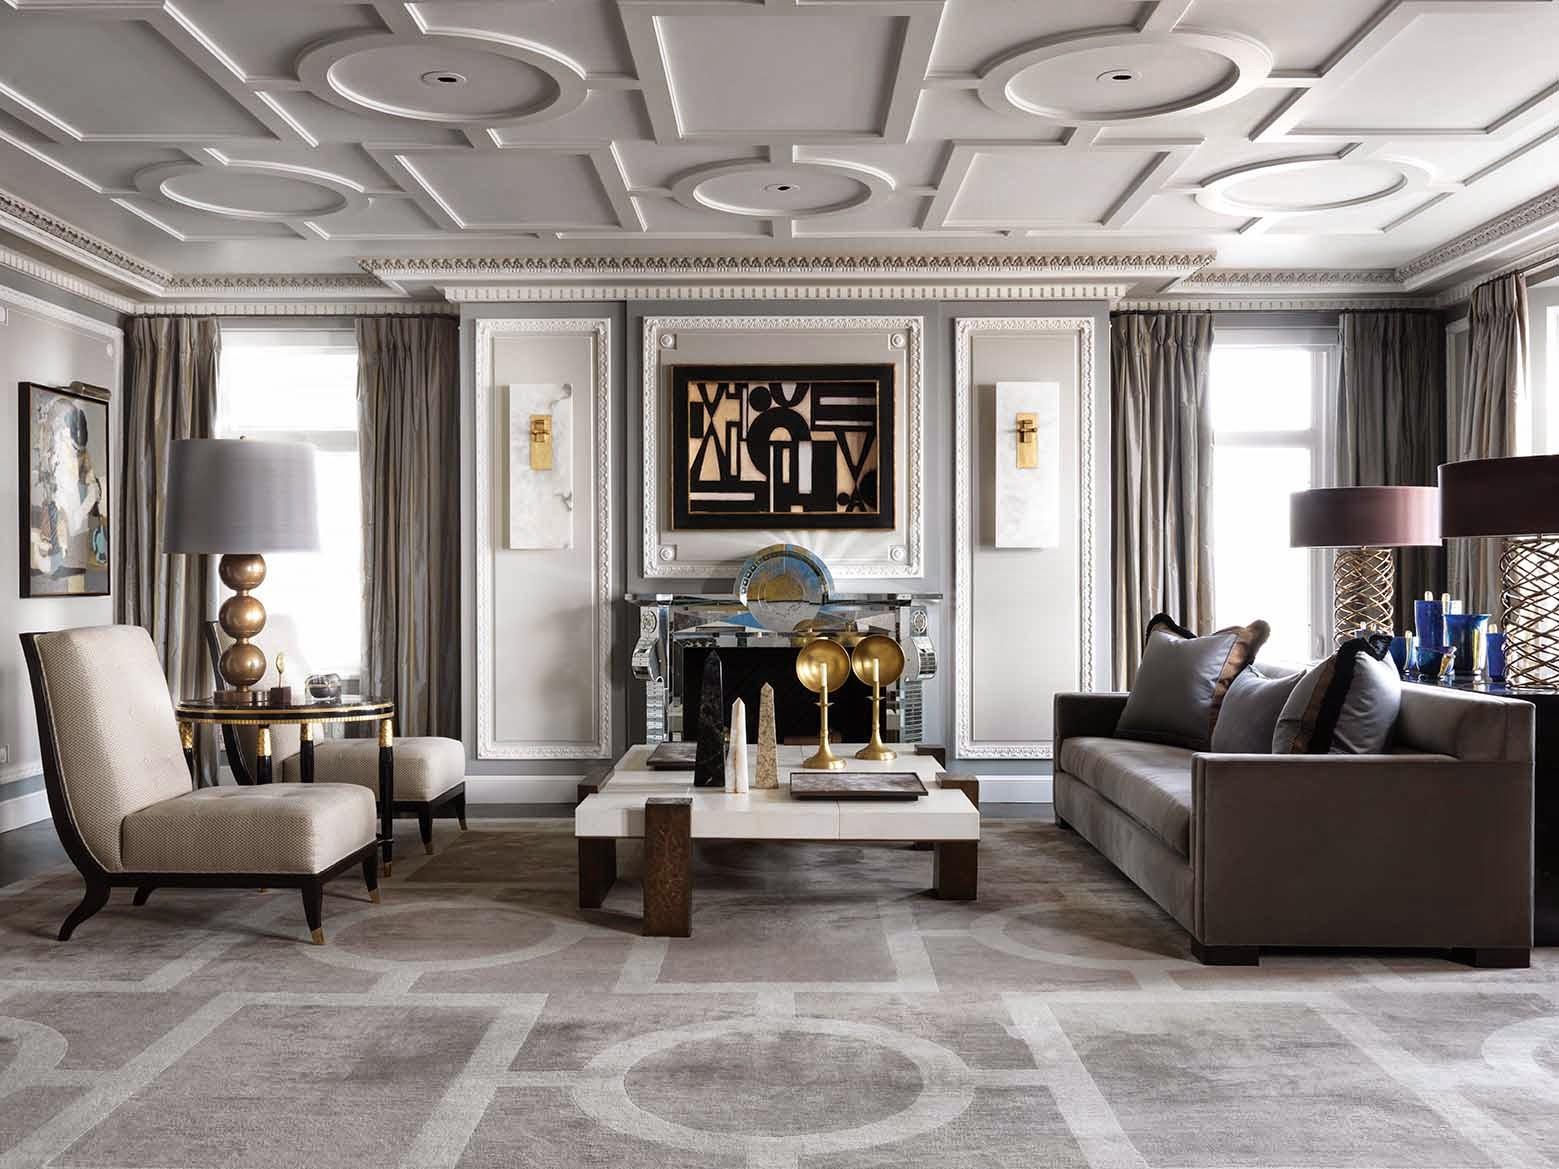 Gli interior designers pi famosi del momento per una - Interior design famosi ...